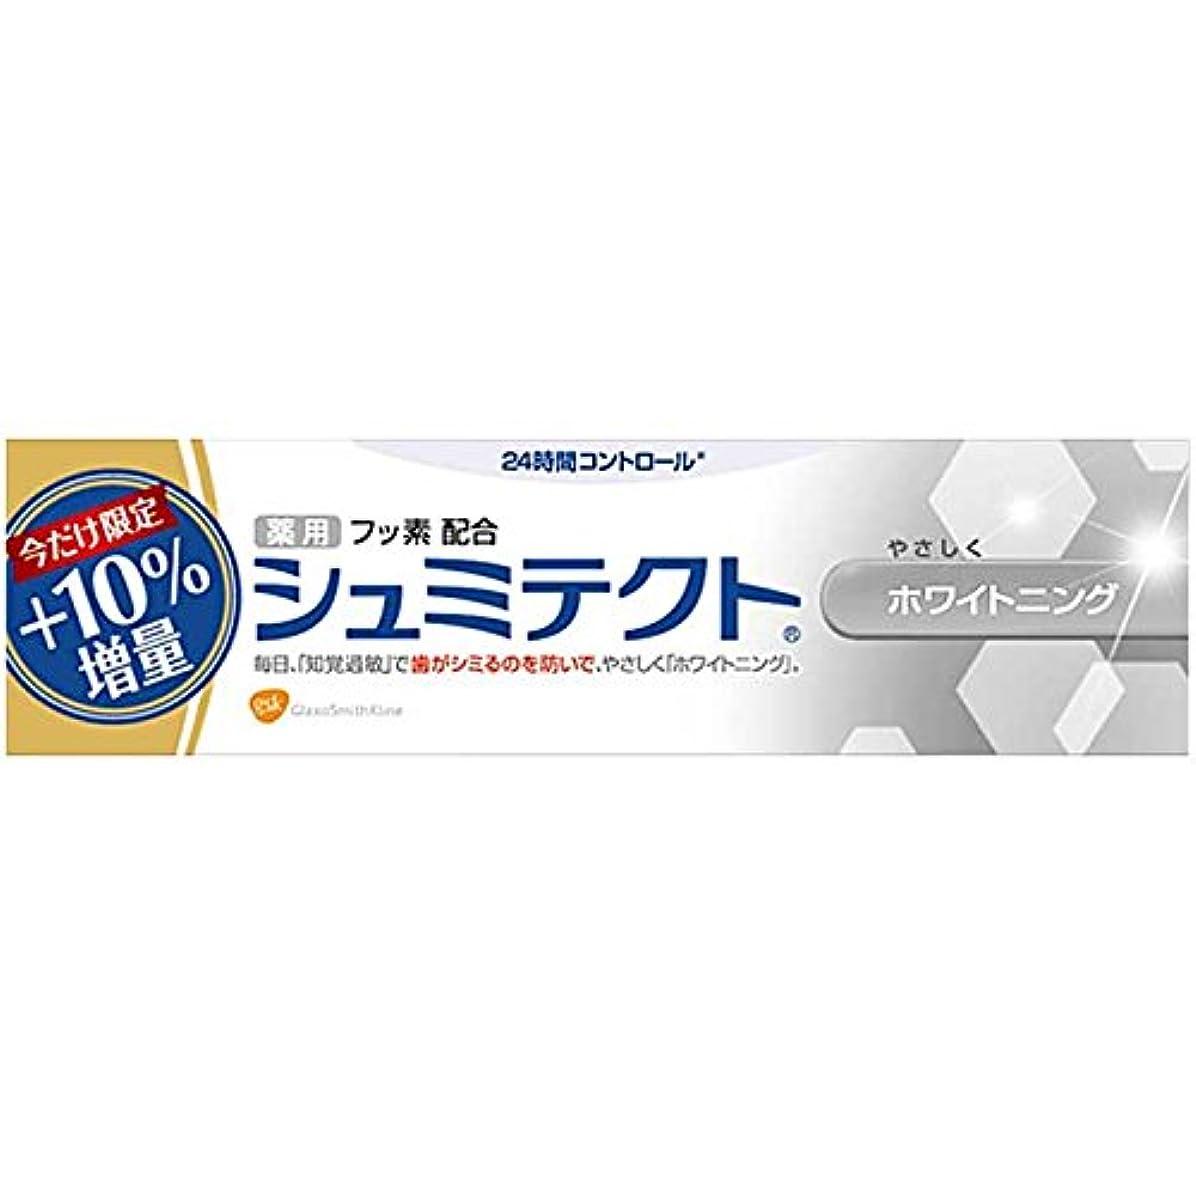 バタフライ鉛筆出力薬用シュミテクト やさしくホワイトニング増量 99g [医薬部外品]